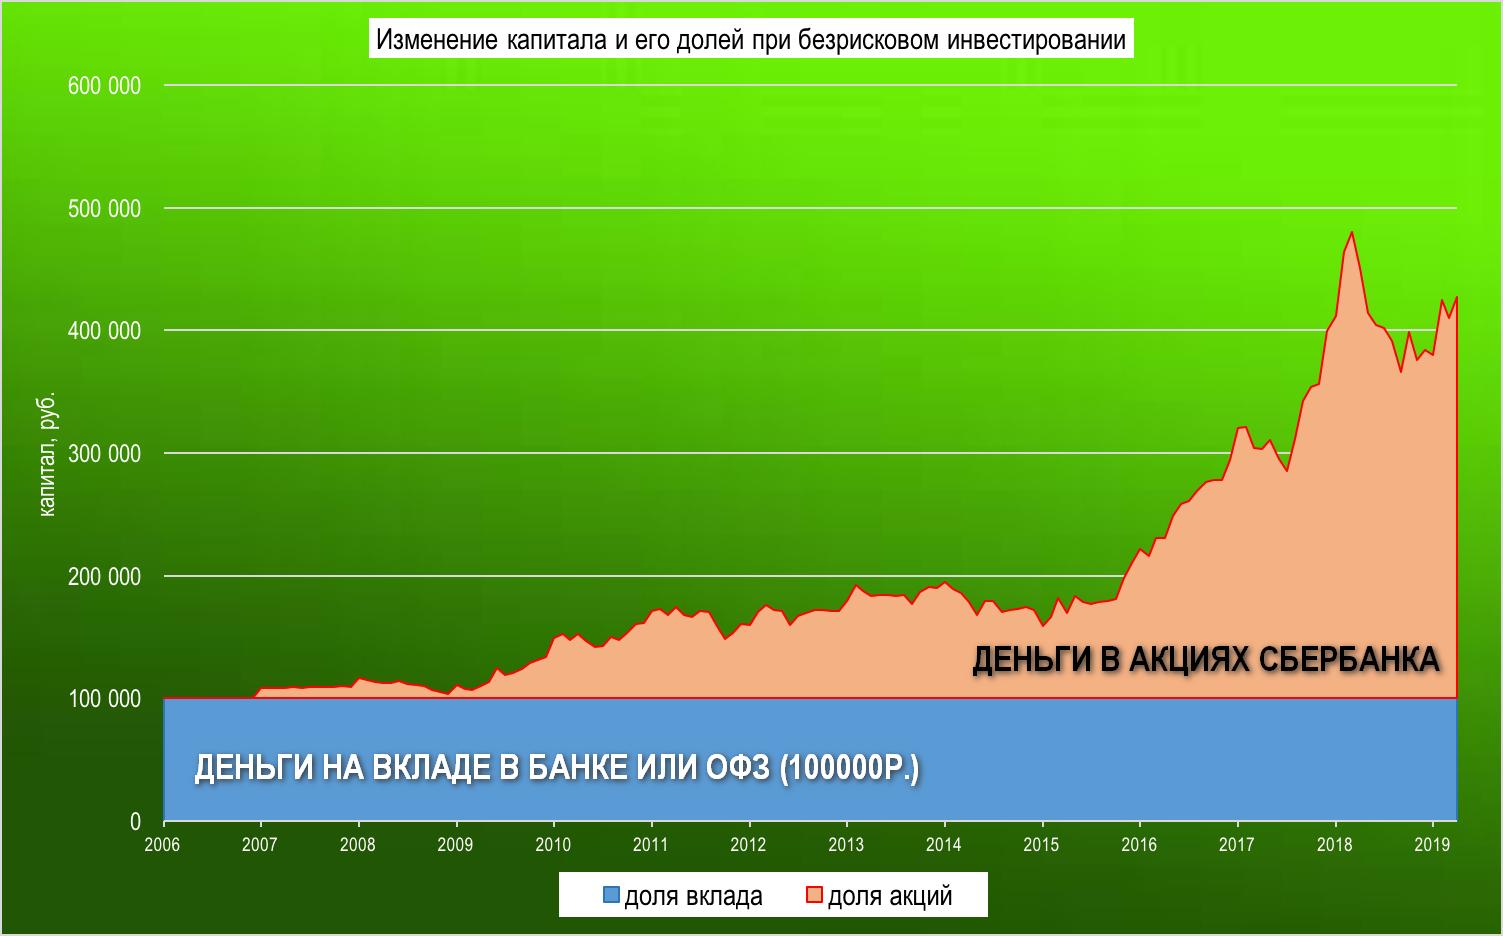 Как составить инвестиционный портфель акций Сбербанка